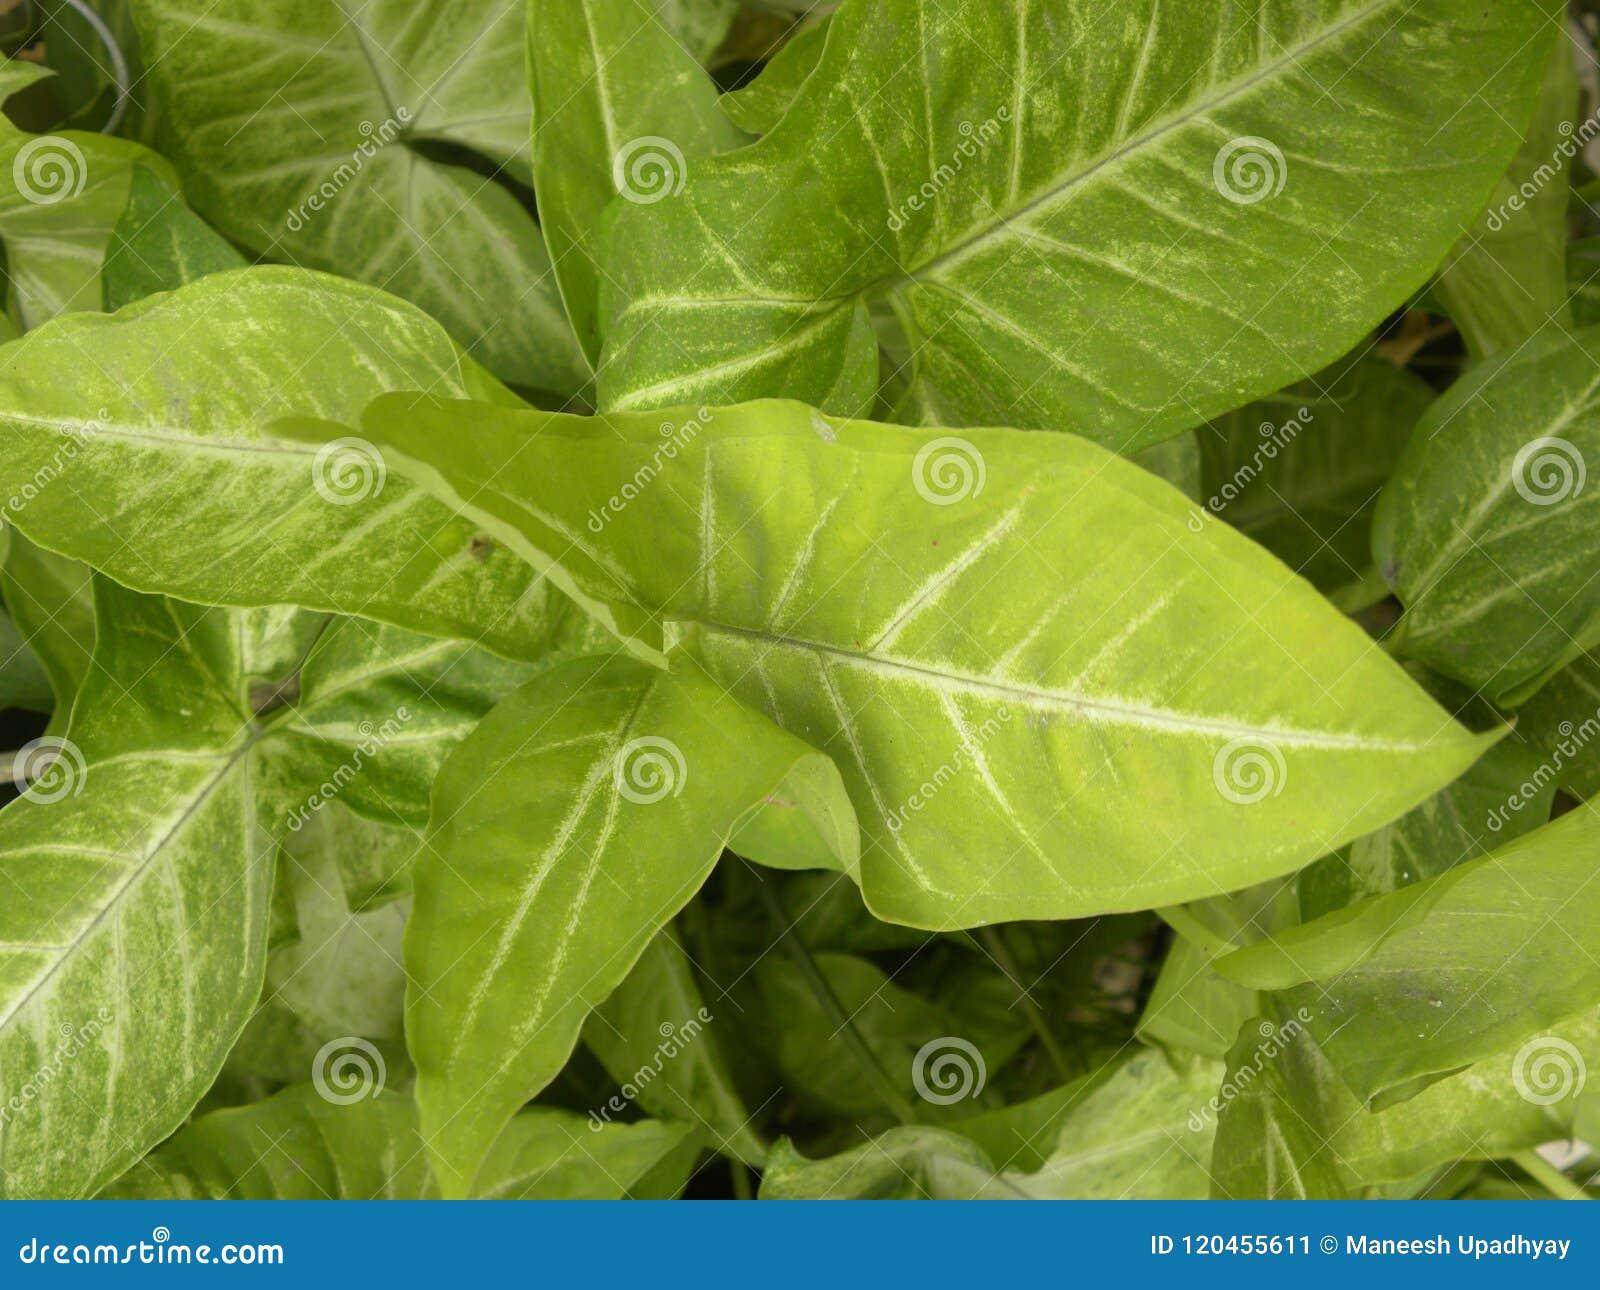 Big Green Leaves Of Caladium Plant Stock Image - Image of freshness ...